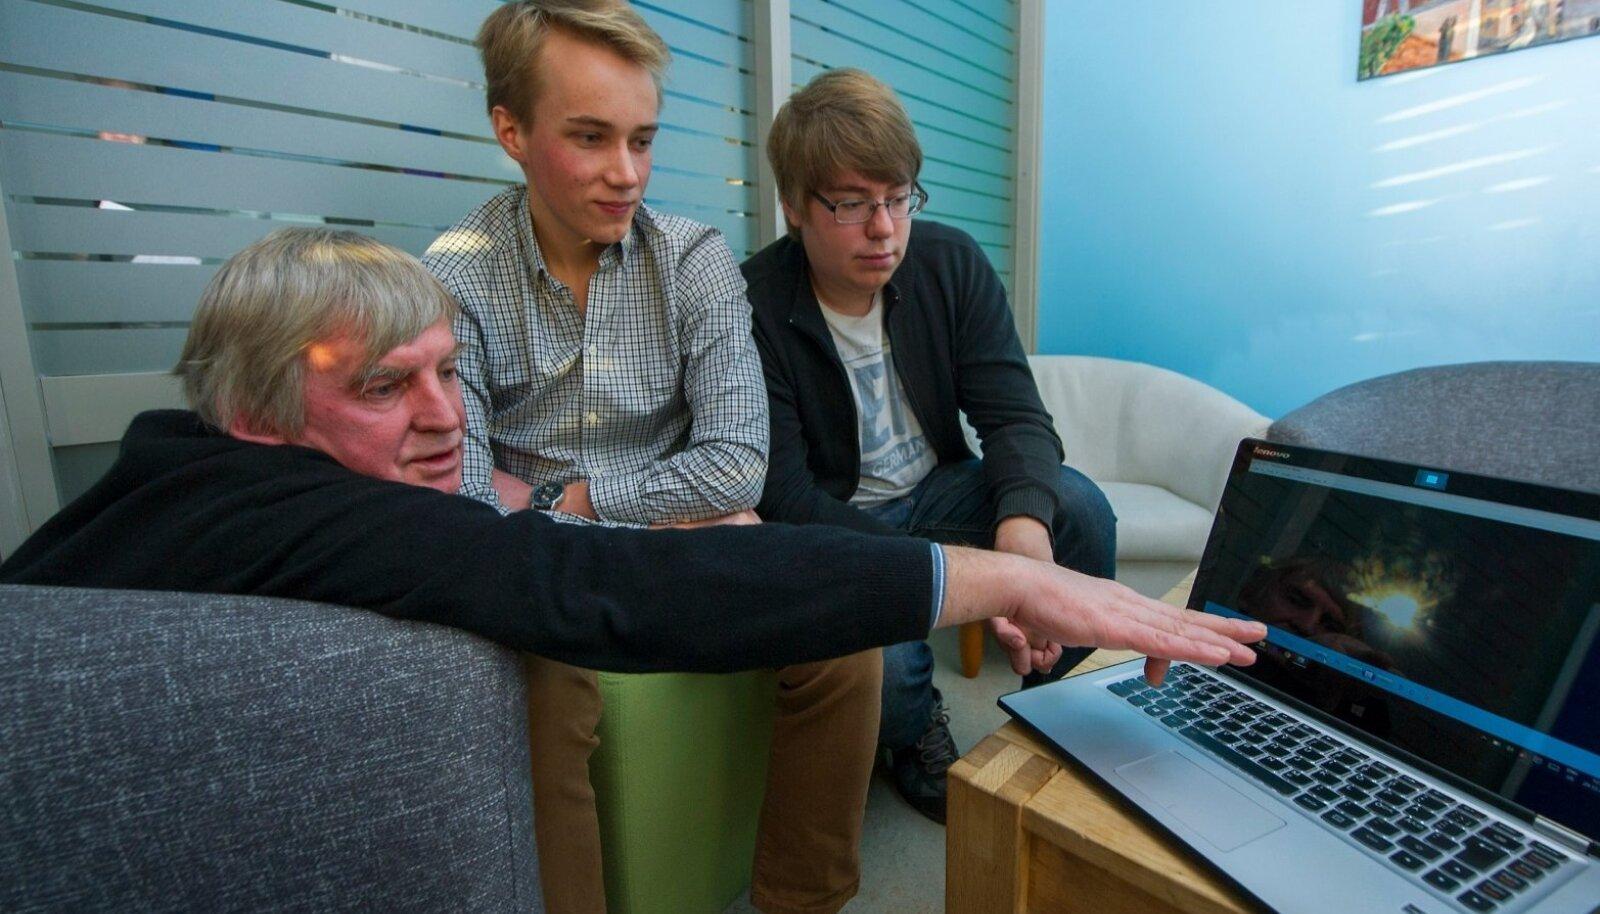 SIIN TA ON: Dr Ivo Kolts näitab Joonas Palmile ja Steven Eomoisile, kuidas ta tulekumast tehtud fotol Jeesuse avastas.